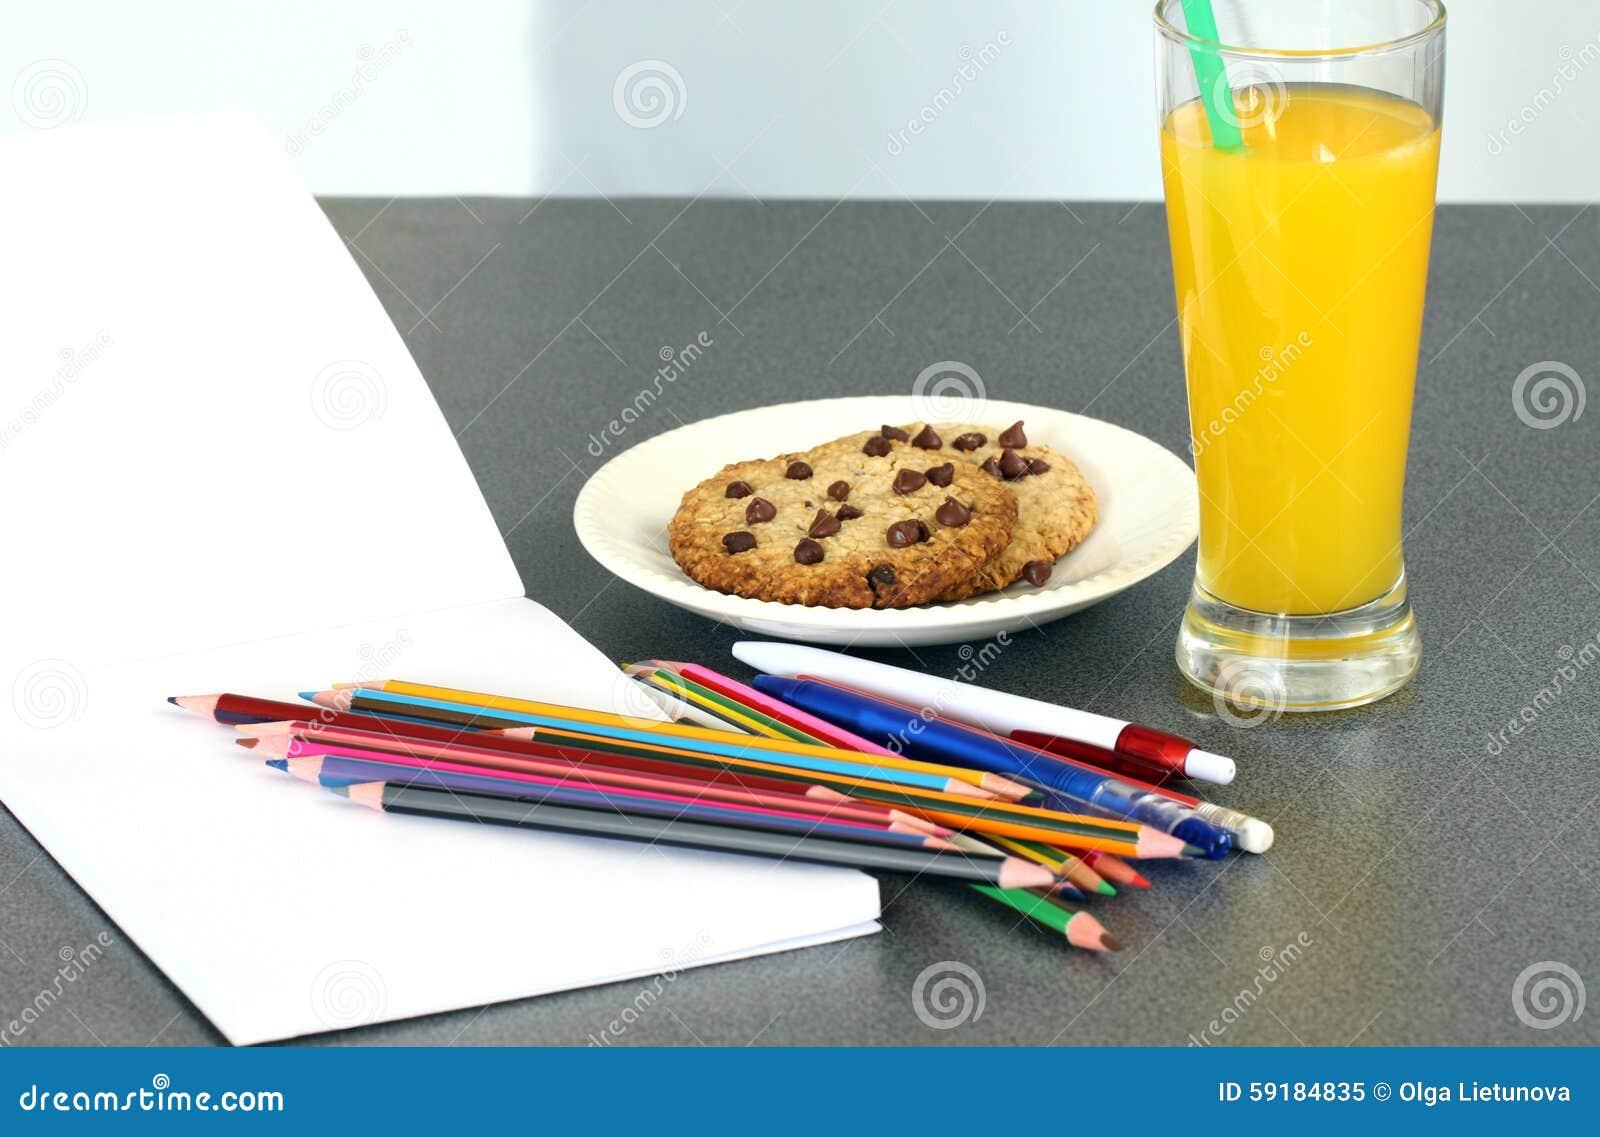 Herstellung von Hausarbeit: Schulbedarf mit leerem Notizbuch und Glas Orangensaft- und Schokoladensplitterplätzchen